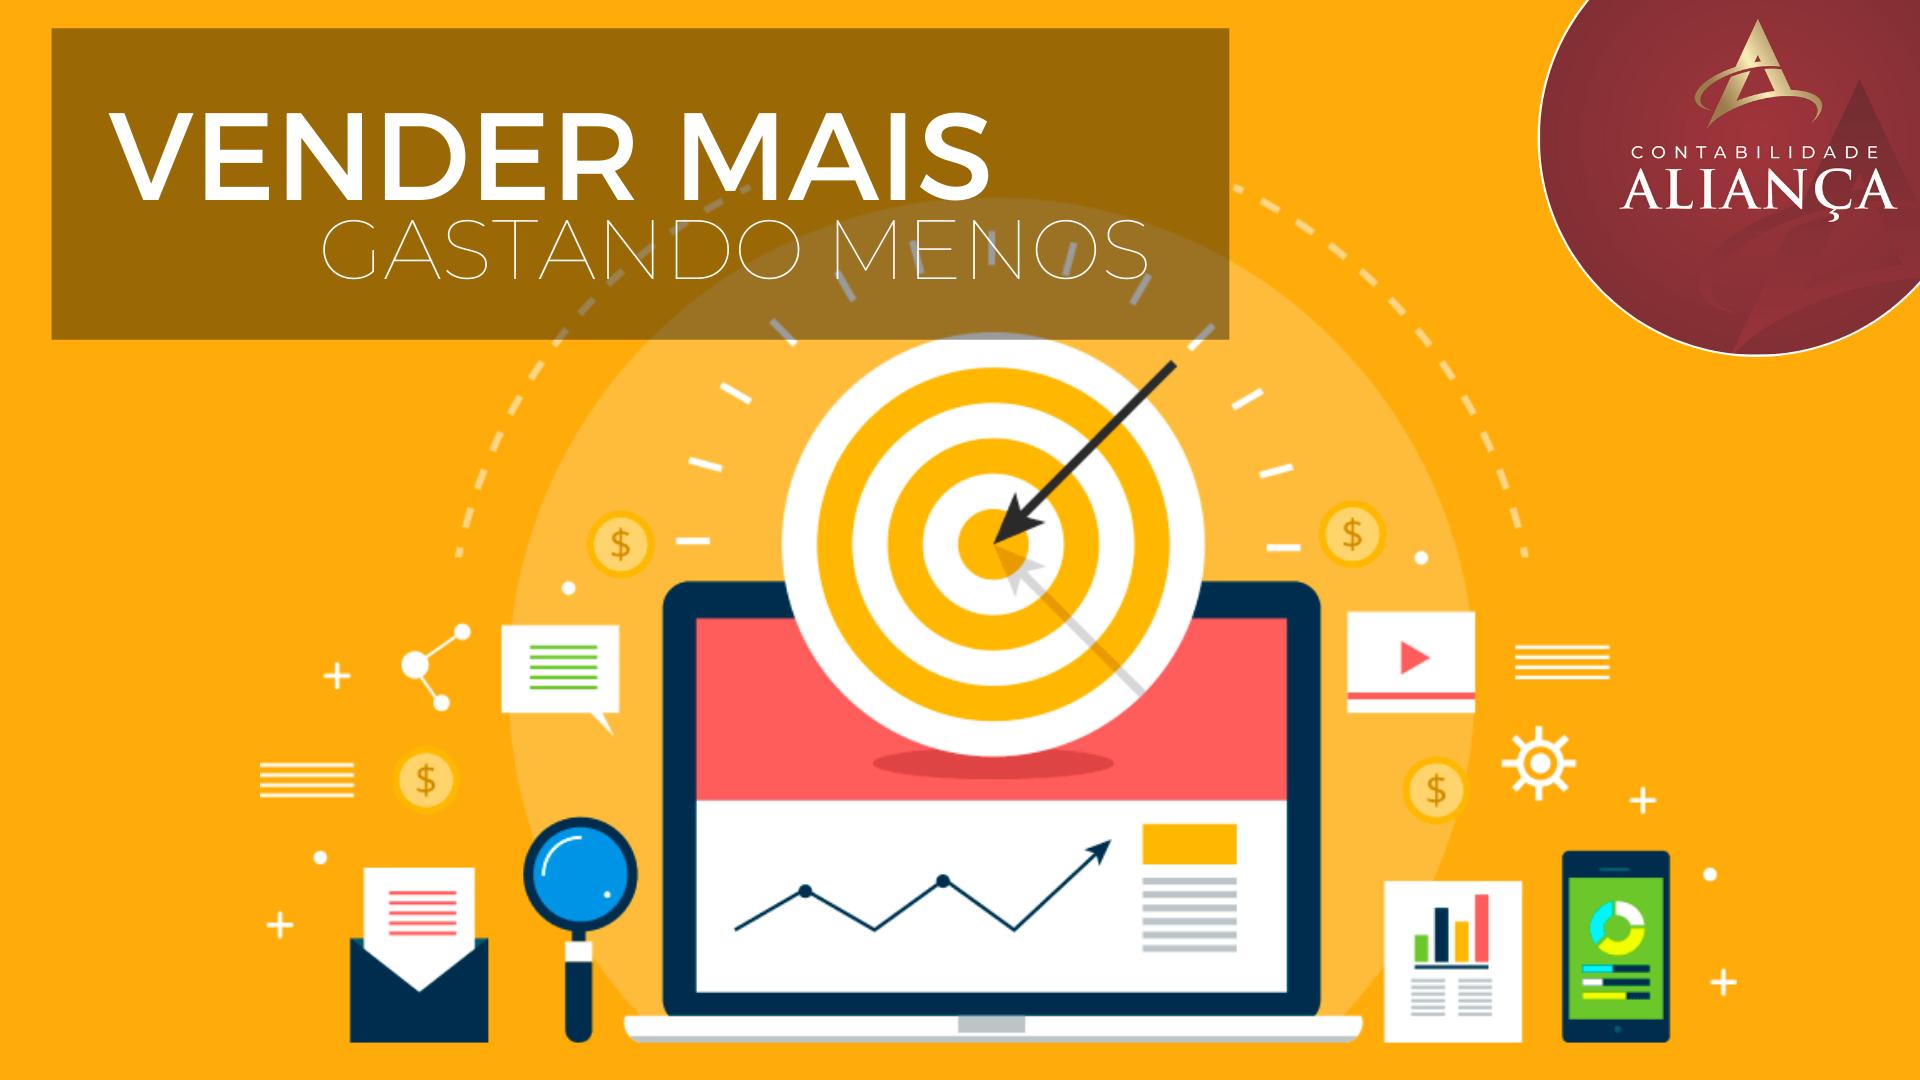 Vender Mais Gastando Menos Blog - Contabilidade em Guarulhos - SP | Aliança Contabilidade - Como vender mais, gastando muito menos? Contabilidade para Comércio